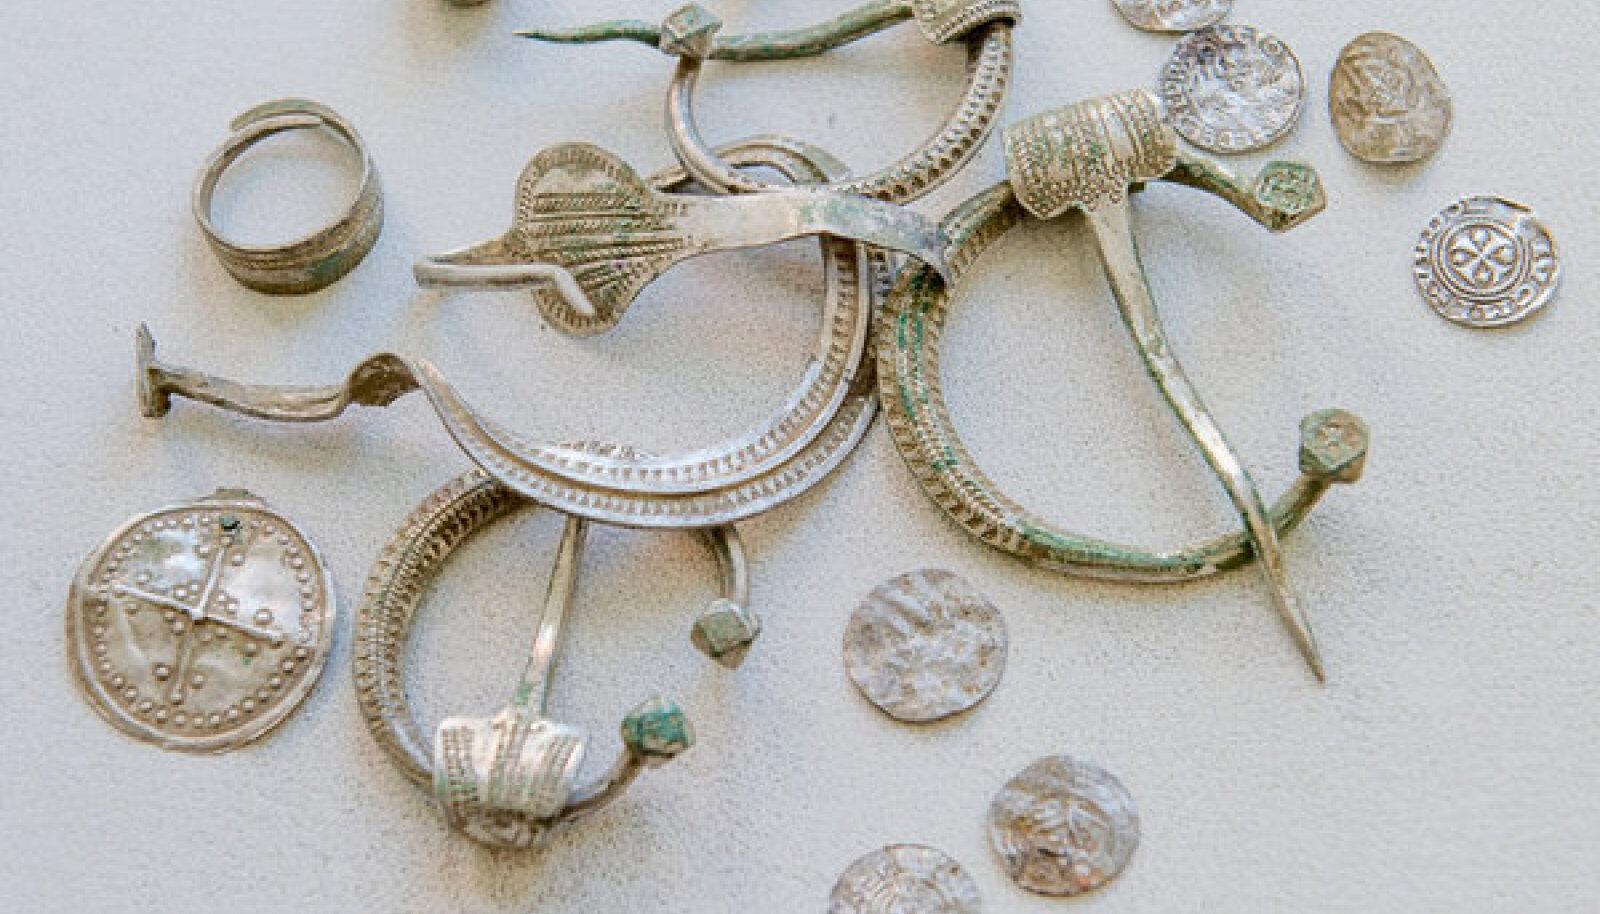 Aare koosneb hoburaudsõlgedest, rinnalehtedest, sõrmusest, kaalupommikesest ja müntidest.